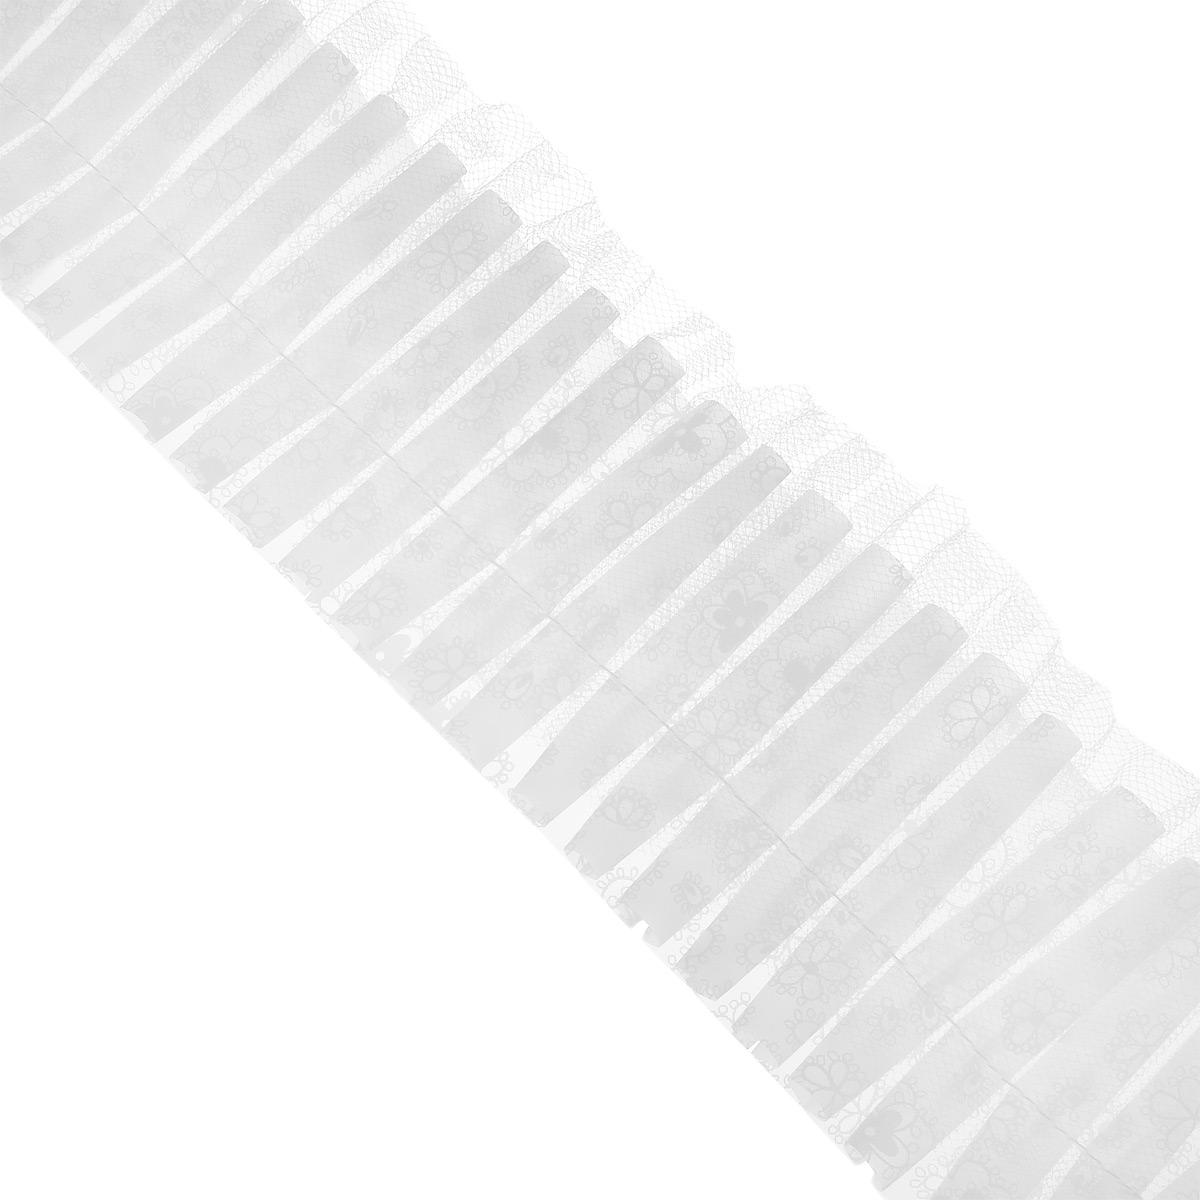 Кружево для украшения тортов Wilton, цвет: белый, ширина 7,6 см, длина 183 смWLT-802-1991Кружево Wilton предназначено для украшения кондитерских изделий. Изделие крепится на край подноса или подставки под торт. Кружевная лента на клеенчатой основе, ее можно мыть.Ширина: 7,6 см. Длина: 183 см.